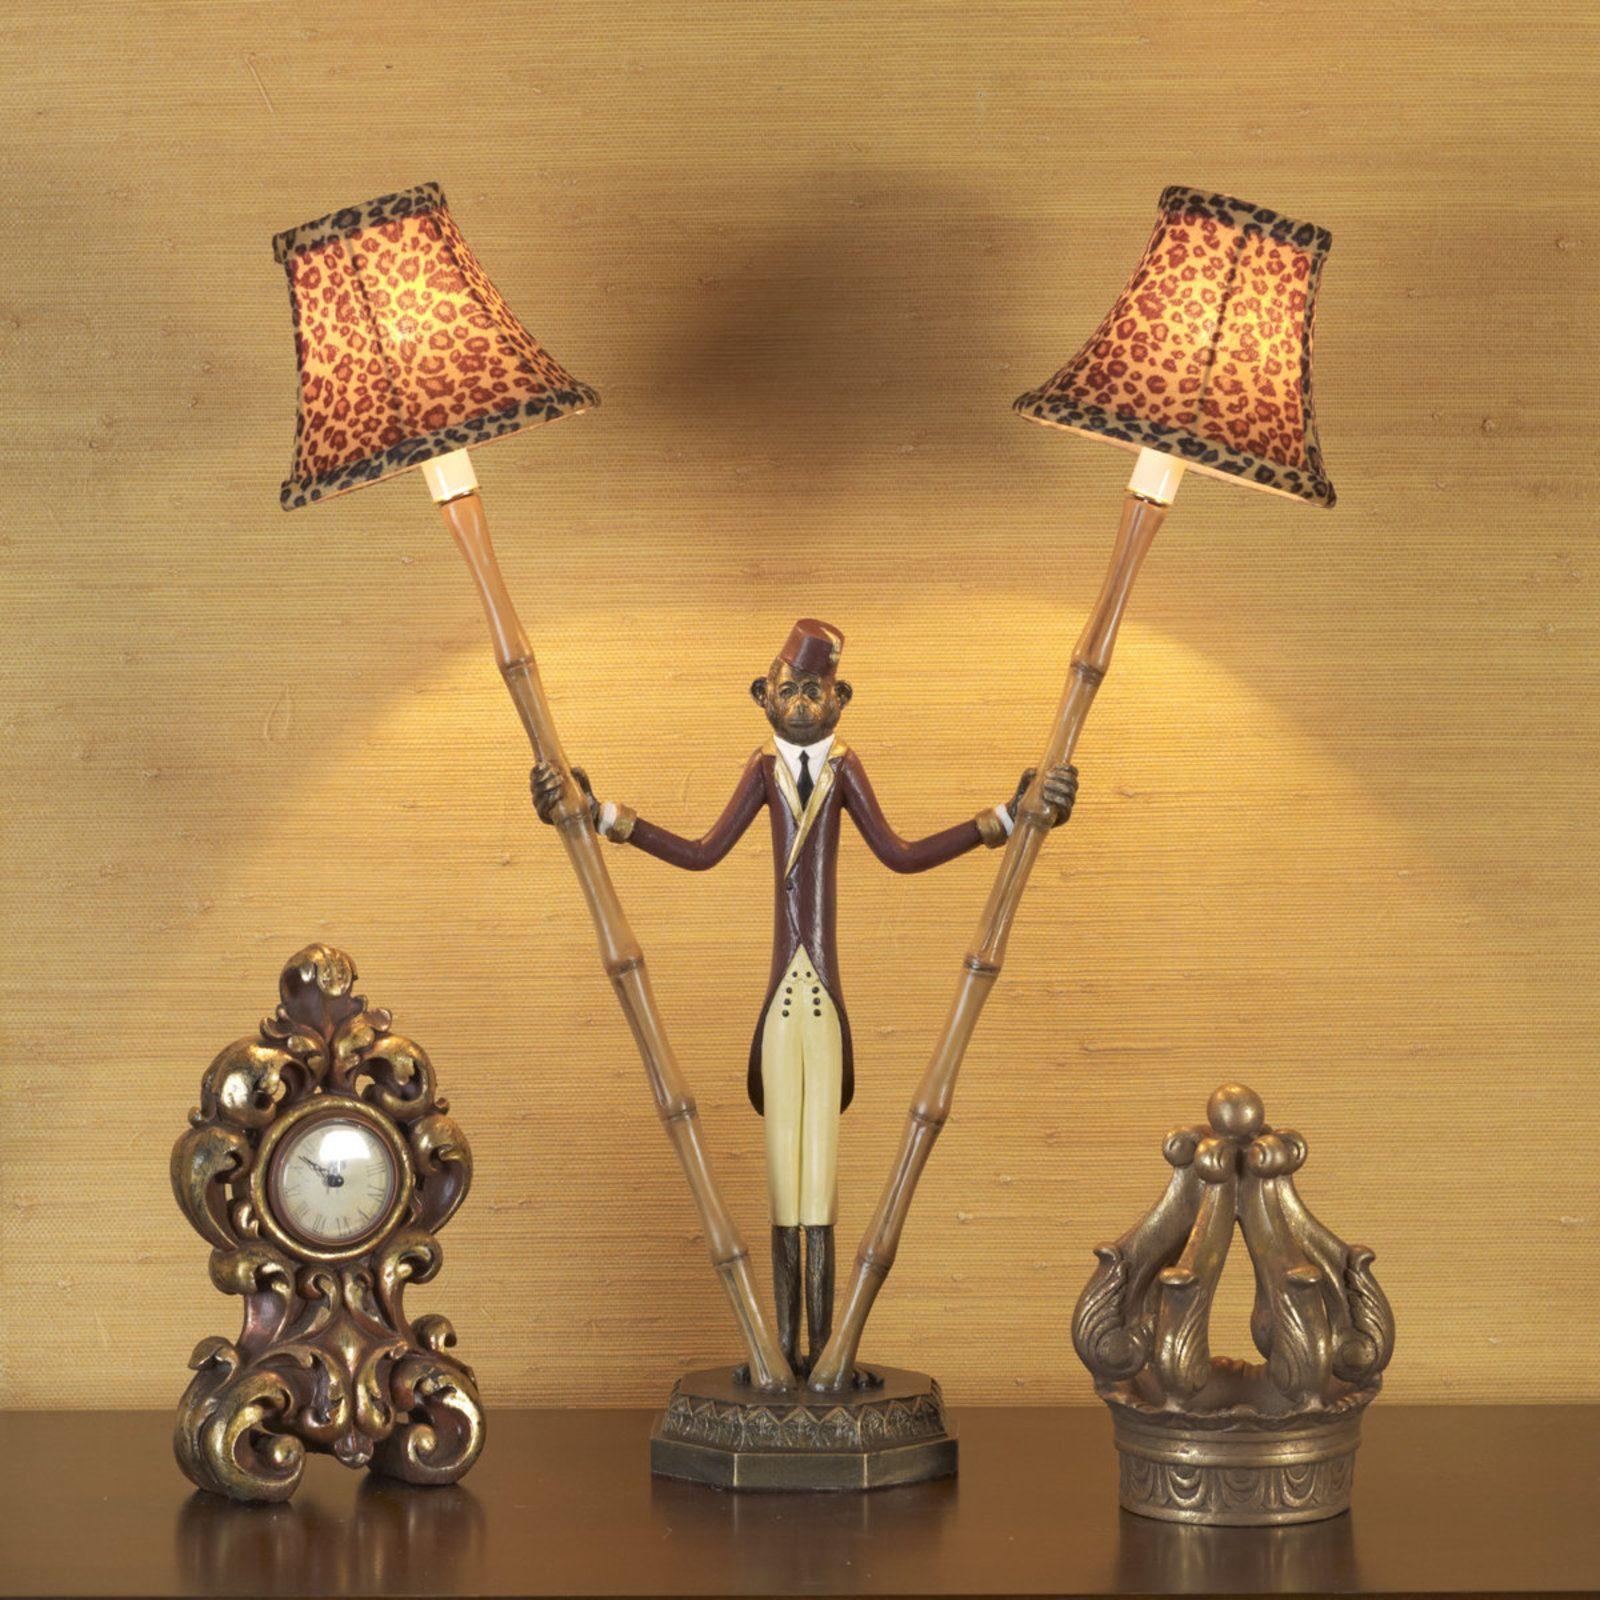 Monkey Bellhop Lamp   Lamp shades, Table lamp shades, Table lamp